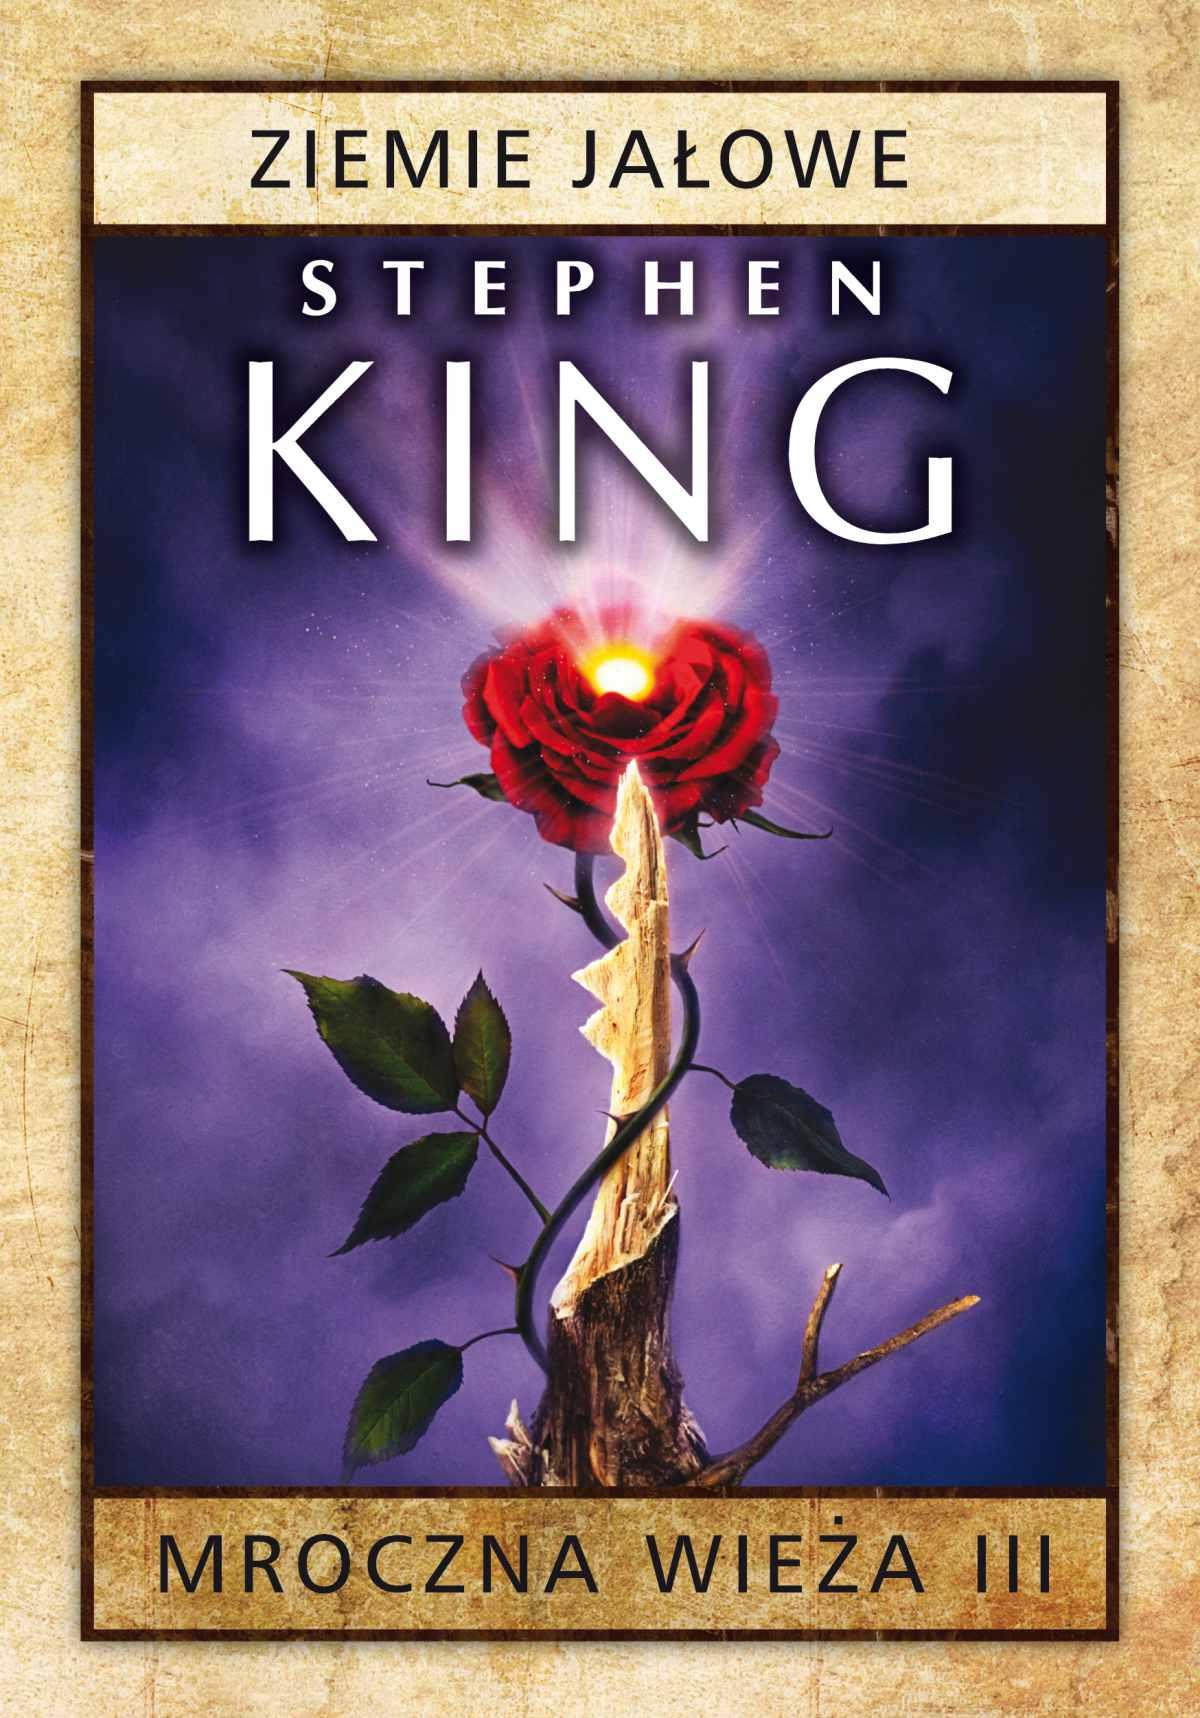 Mroczna Wieża III: Ziemie jałowe. Wydanie 2 - Ebook (Książka EPUB) do pobrania w formacie EPUB